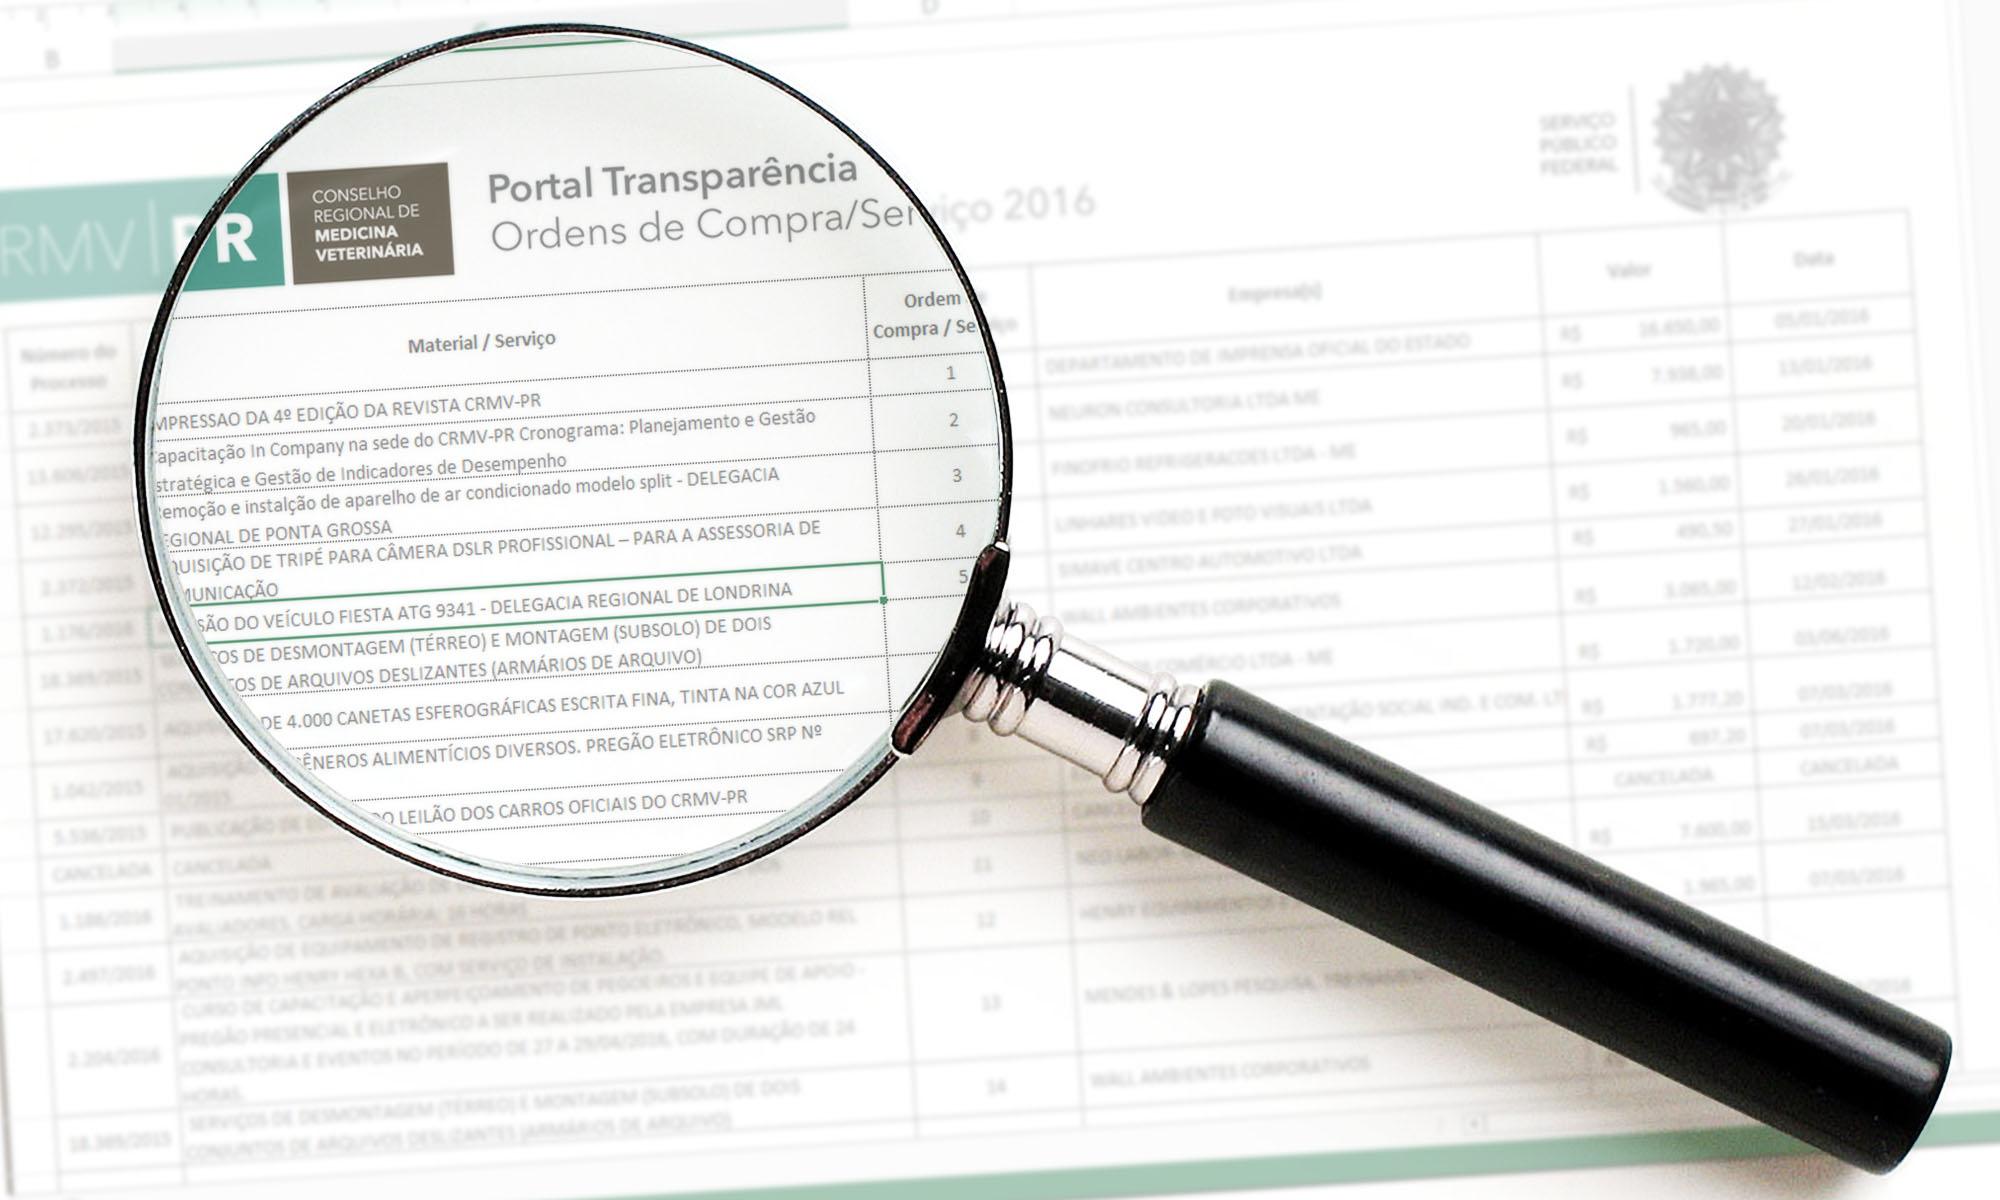 Portal da Transparência e Prestação de contas